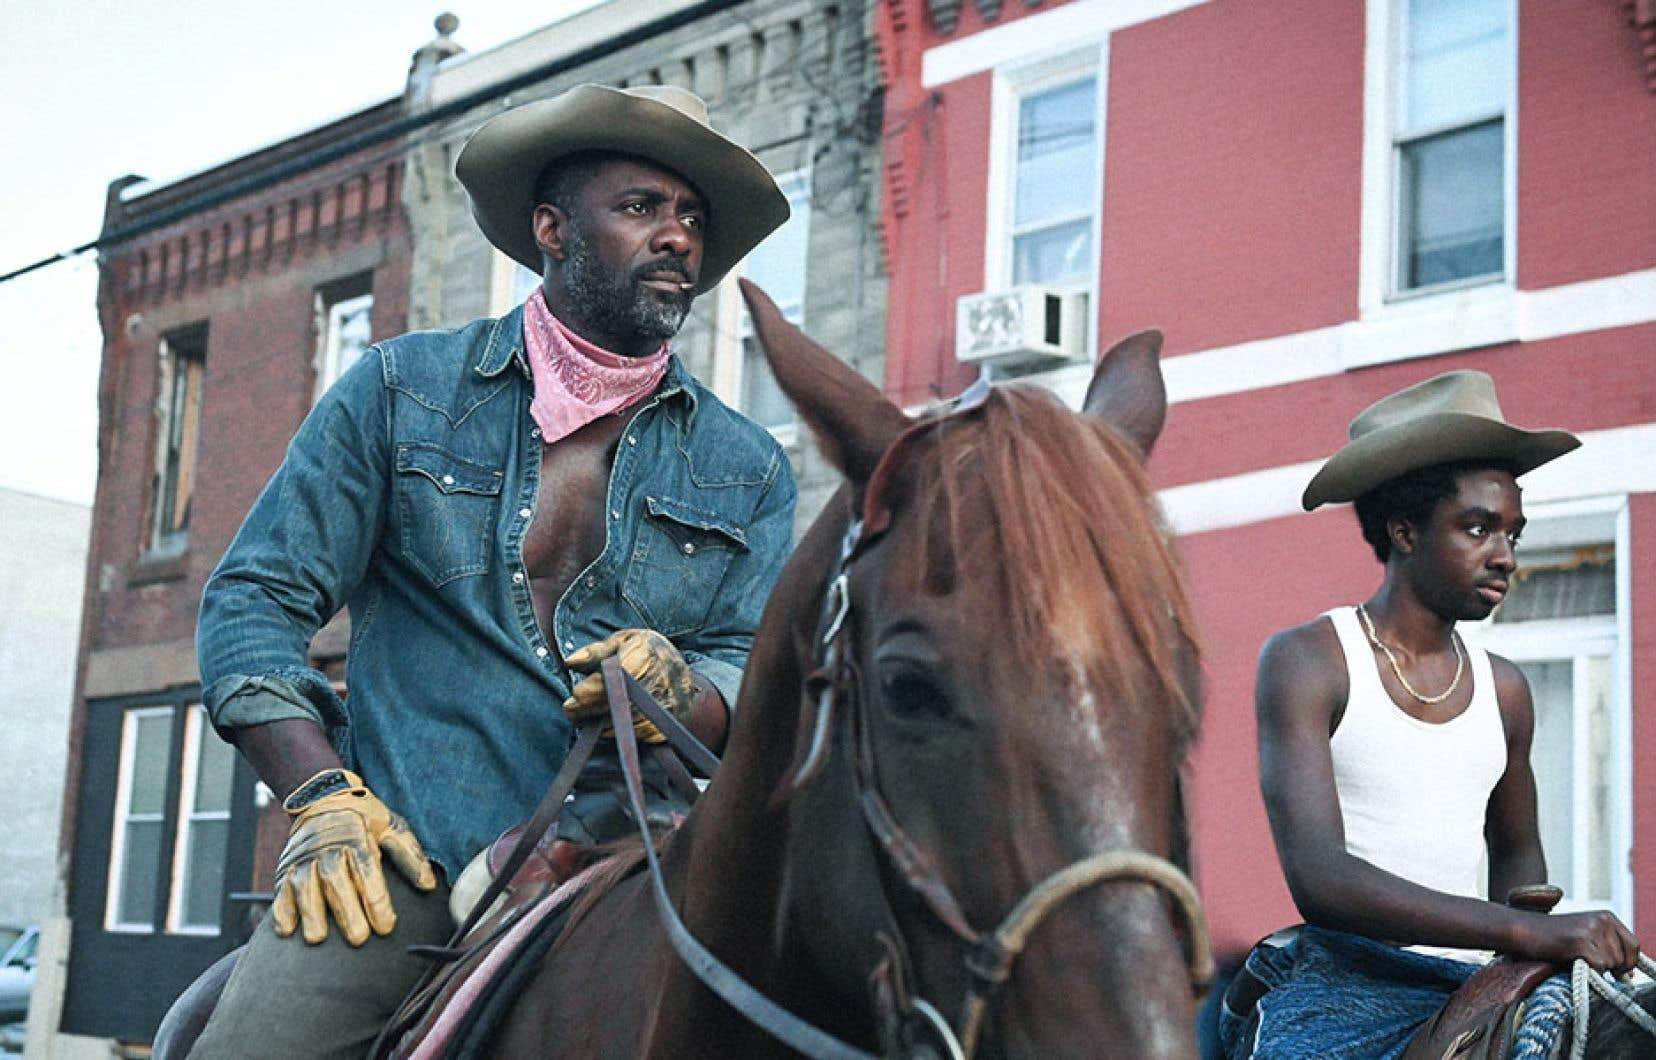 «Concrete Cowboy», de Ricky Staub, est un fort beau film sur la relation père-fils (Idris Elba et Caleb McLaughlin) dans un univers surréel et réel. À Philadelphie, en des quartiers de la zone, vivent bel et bien des cowboys noirs modernes avec leurs chevaux à domicile